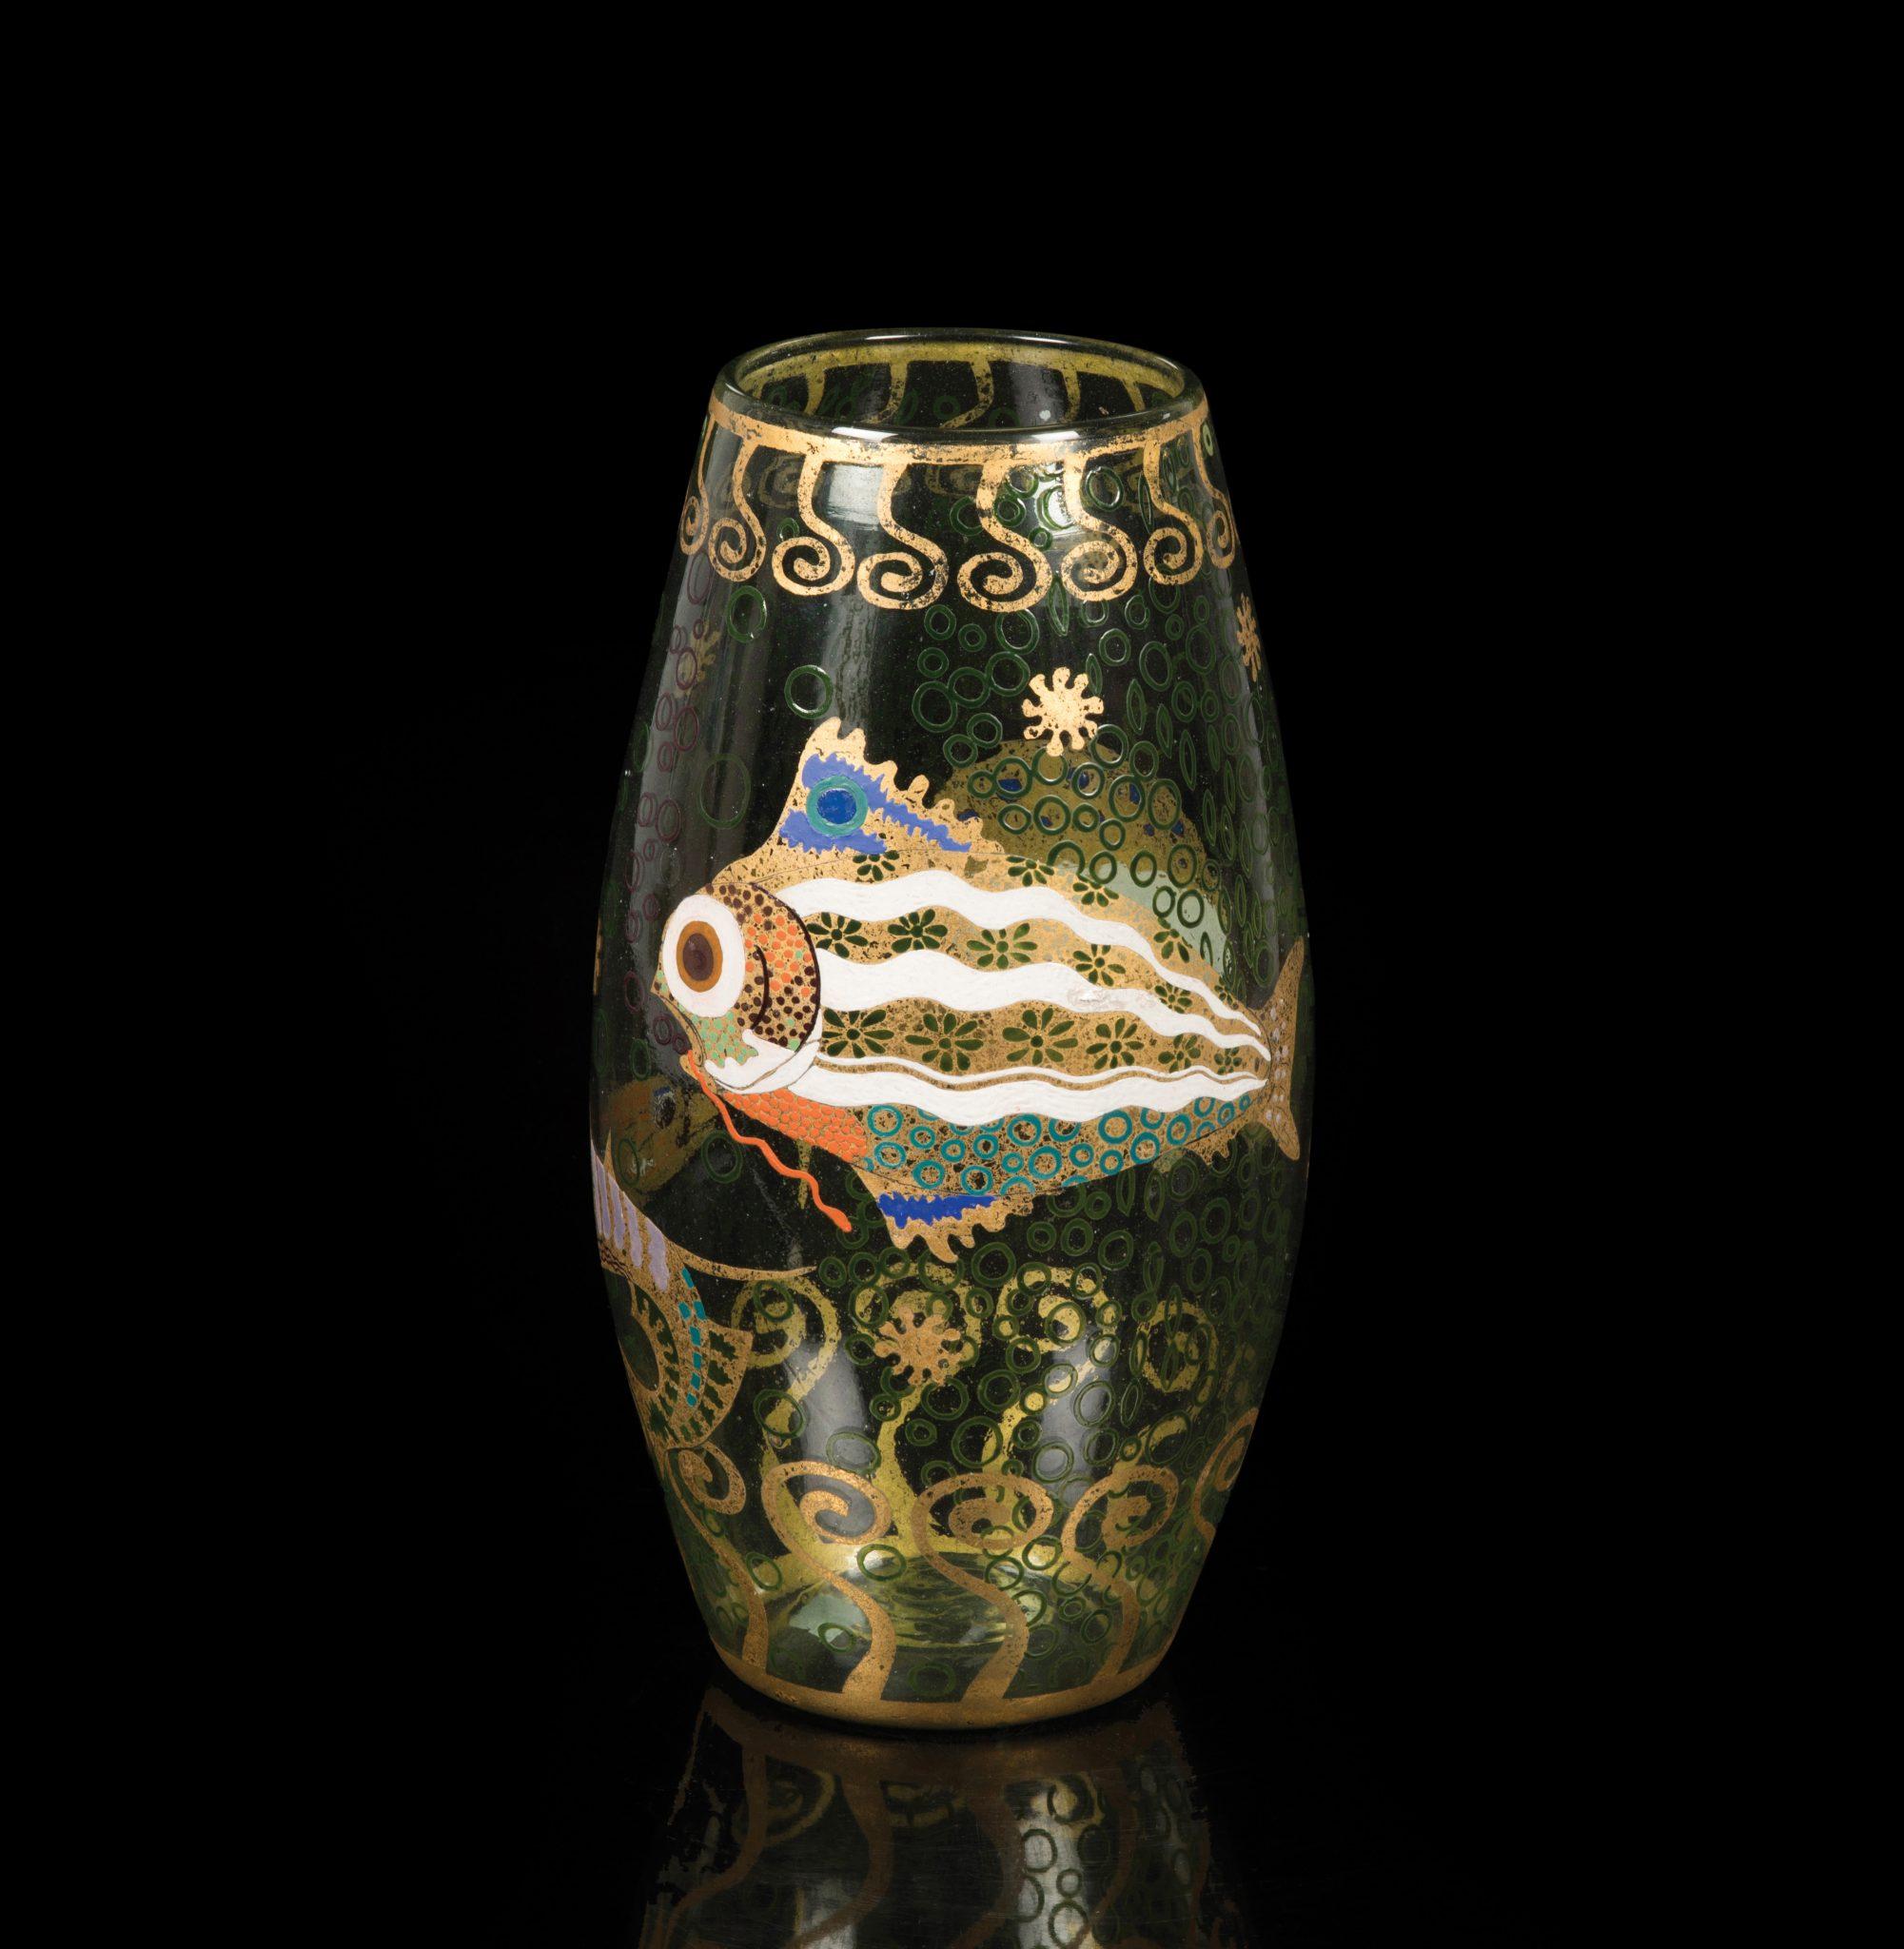 212 - 172989 Vittorio Zecchin (1878-1947) Murano, 1920 ca Eccezionale vaso in vetro soffiato verdino con decoro di pesci fantastici a smalti policromi e decori di stelle e spirali in foglia oro. Altezza cm 32,5 Stima € 30.000 - 40.000